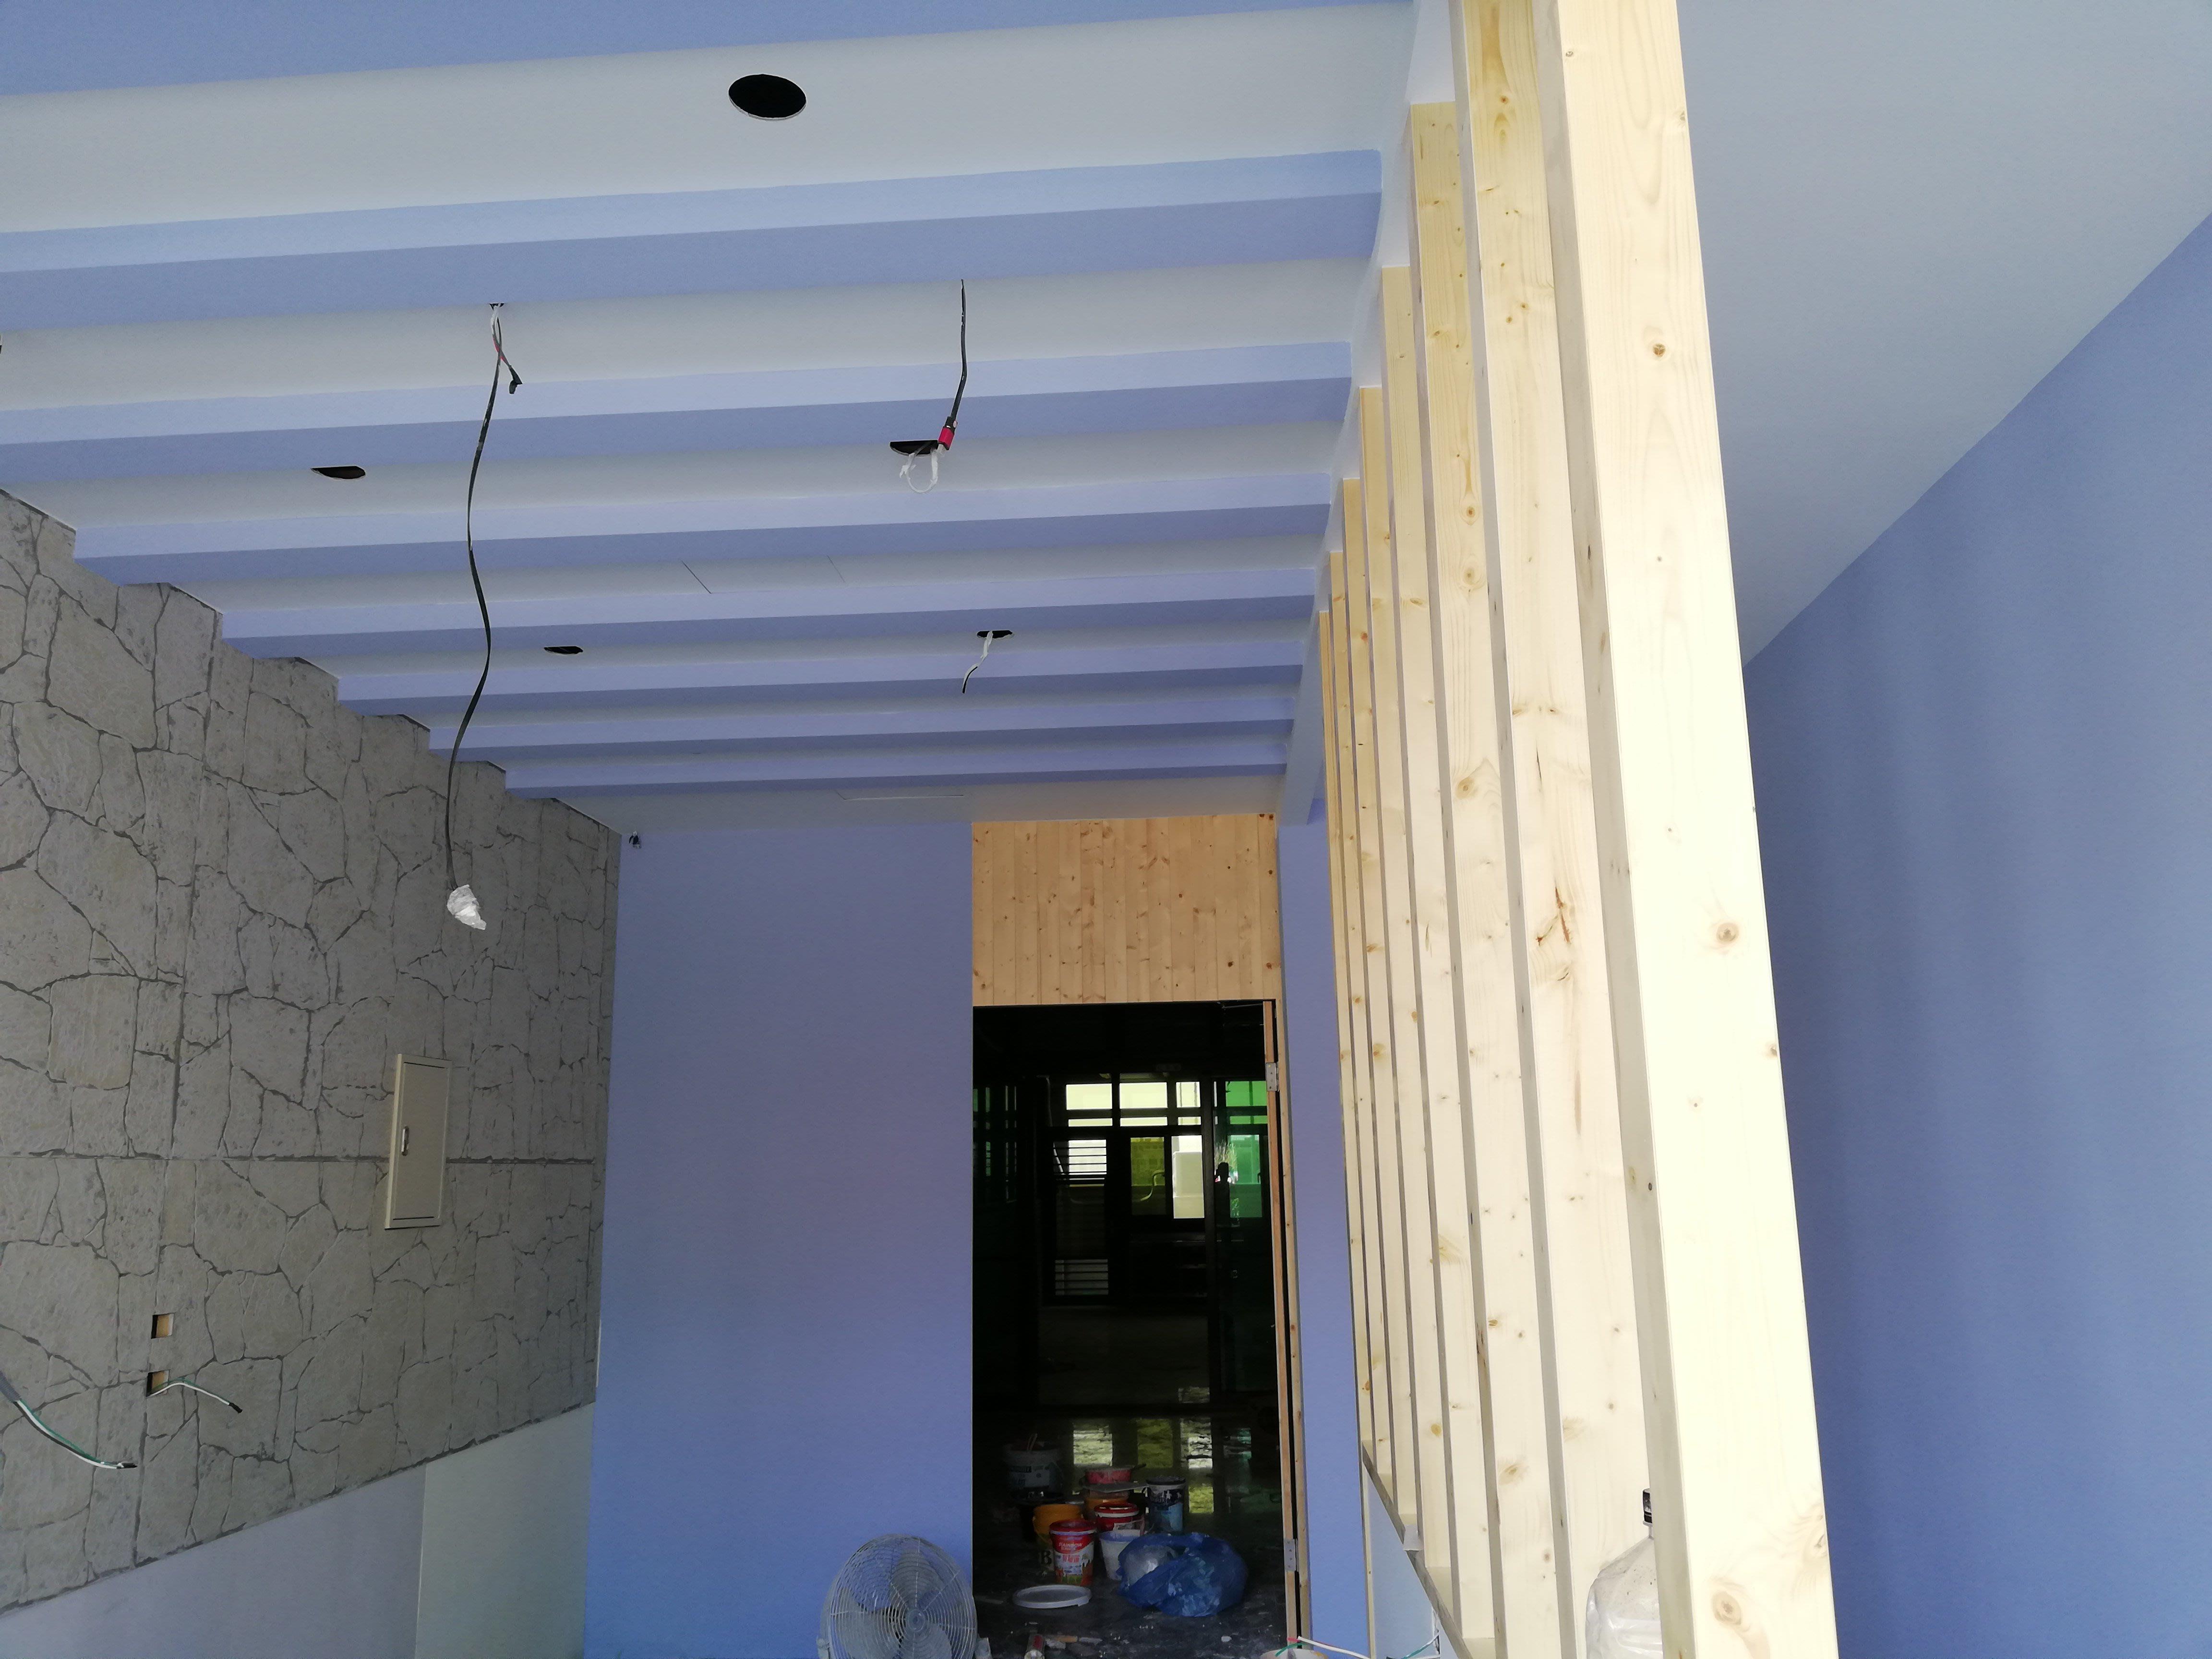 新竹油漆,鴻源油漆,傢俱噴漆,透明漆,隔間批土,頂樓防水,外牆防水,防火漆,高壓灌注